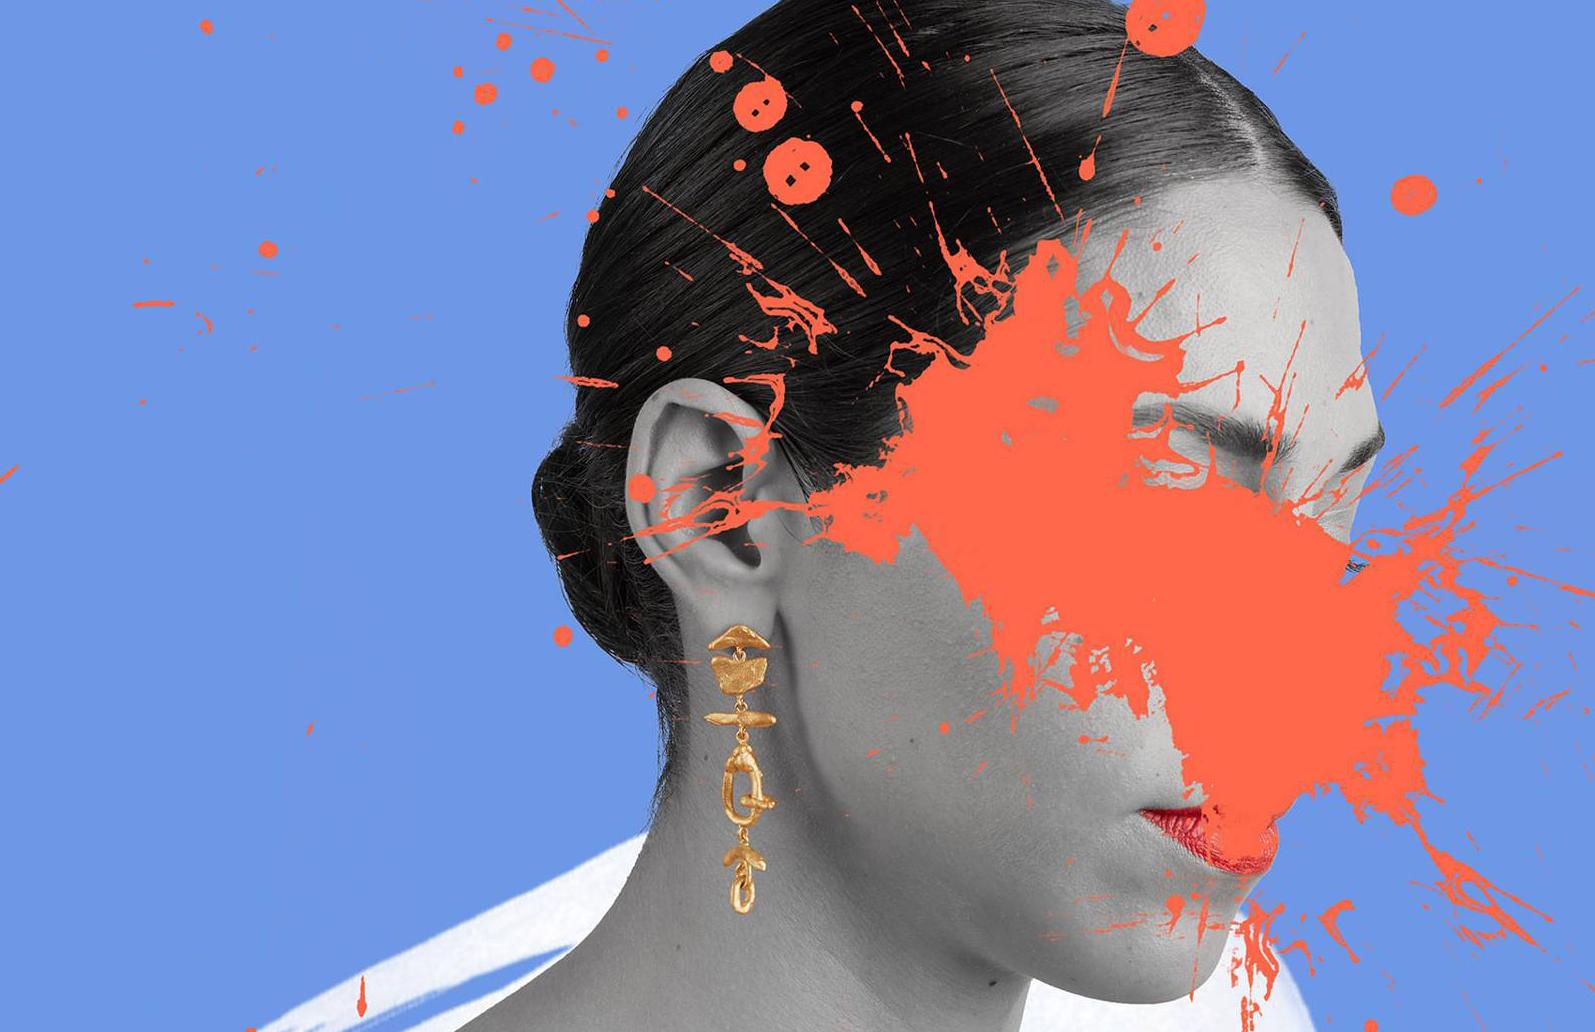 Girl power: 5 женских брендов, которые потрясли мир моды и высоких технологий